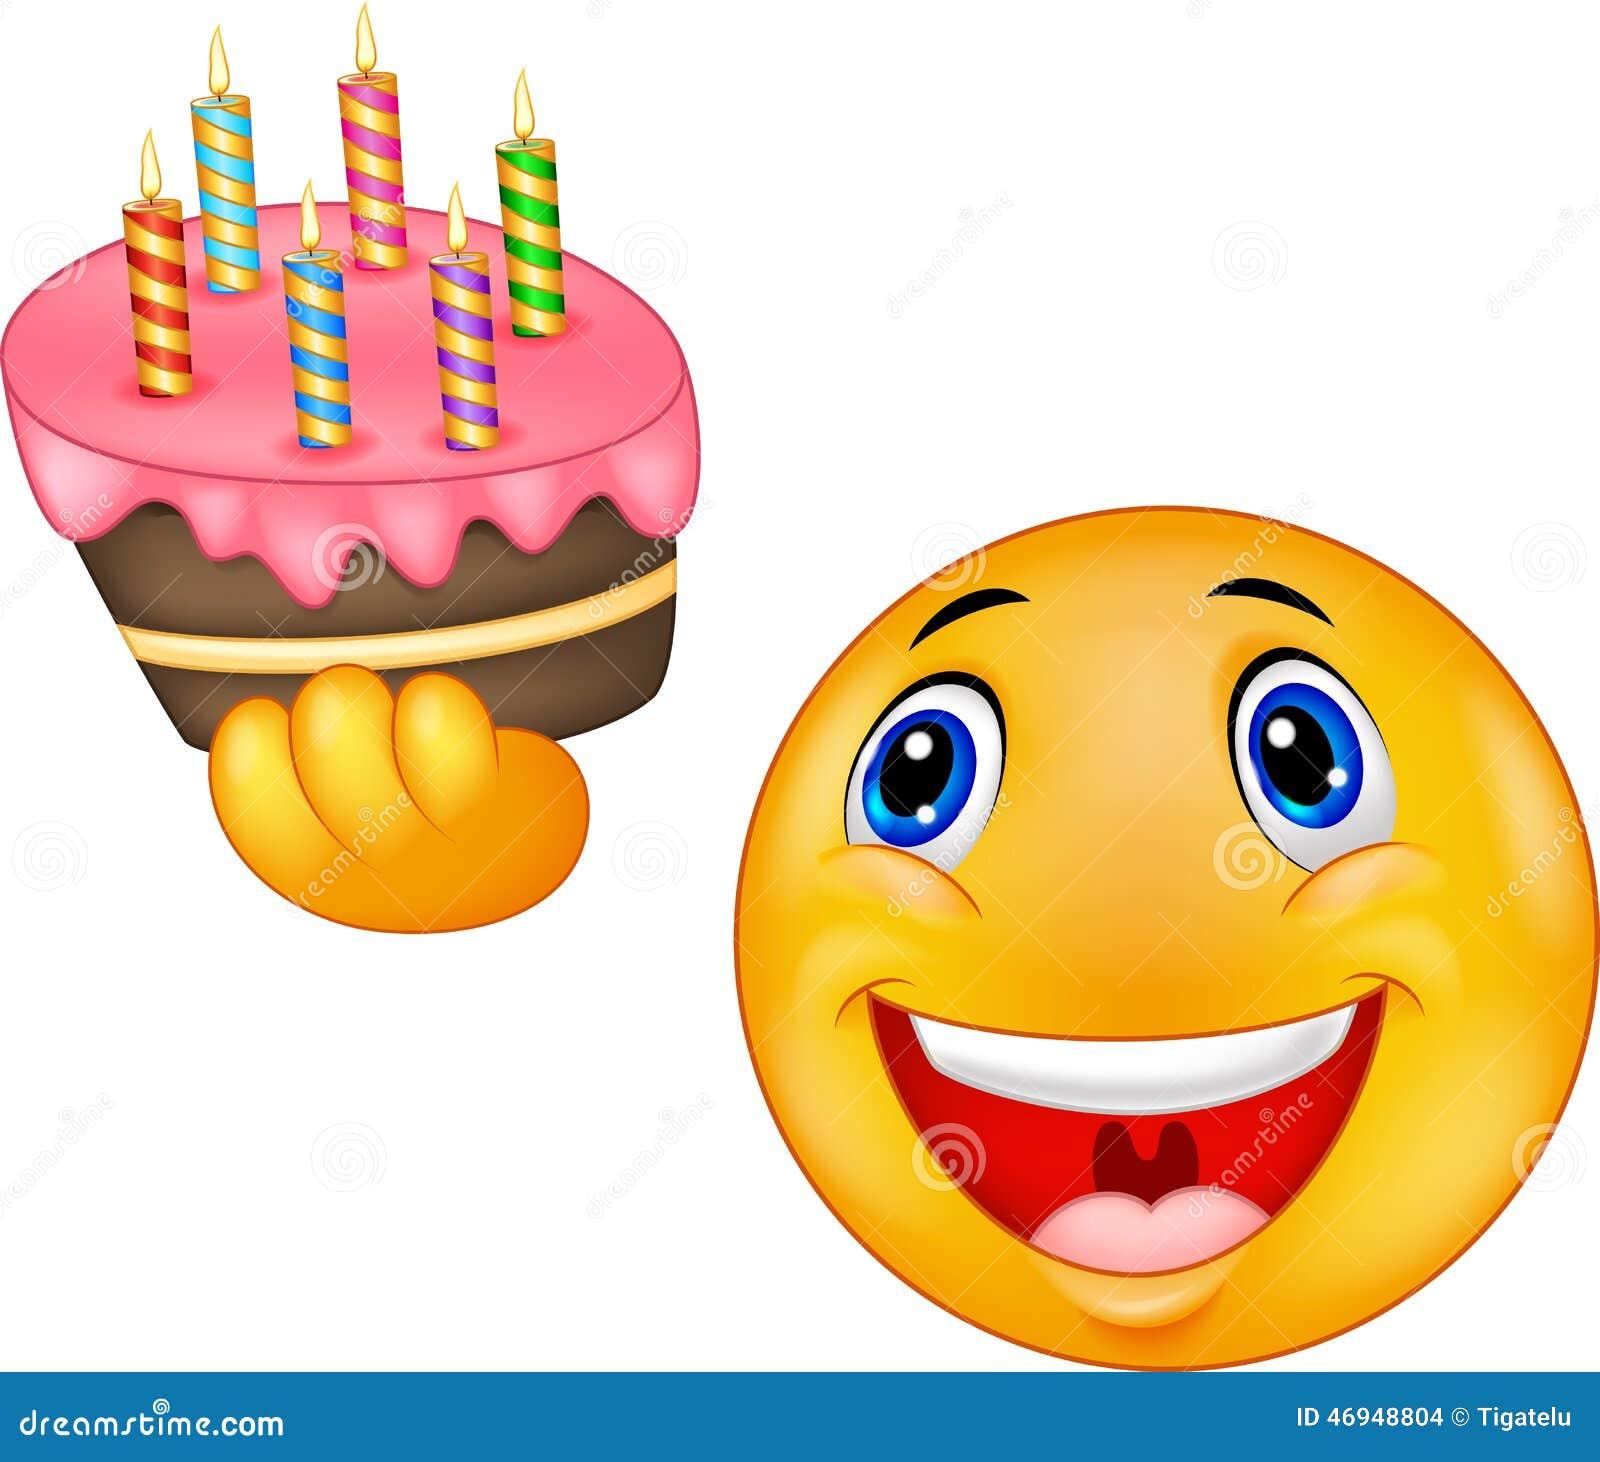 Smiley Emoticon Der Geburtstagskuchen Halt Vektor Abbildung